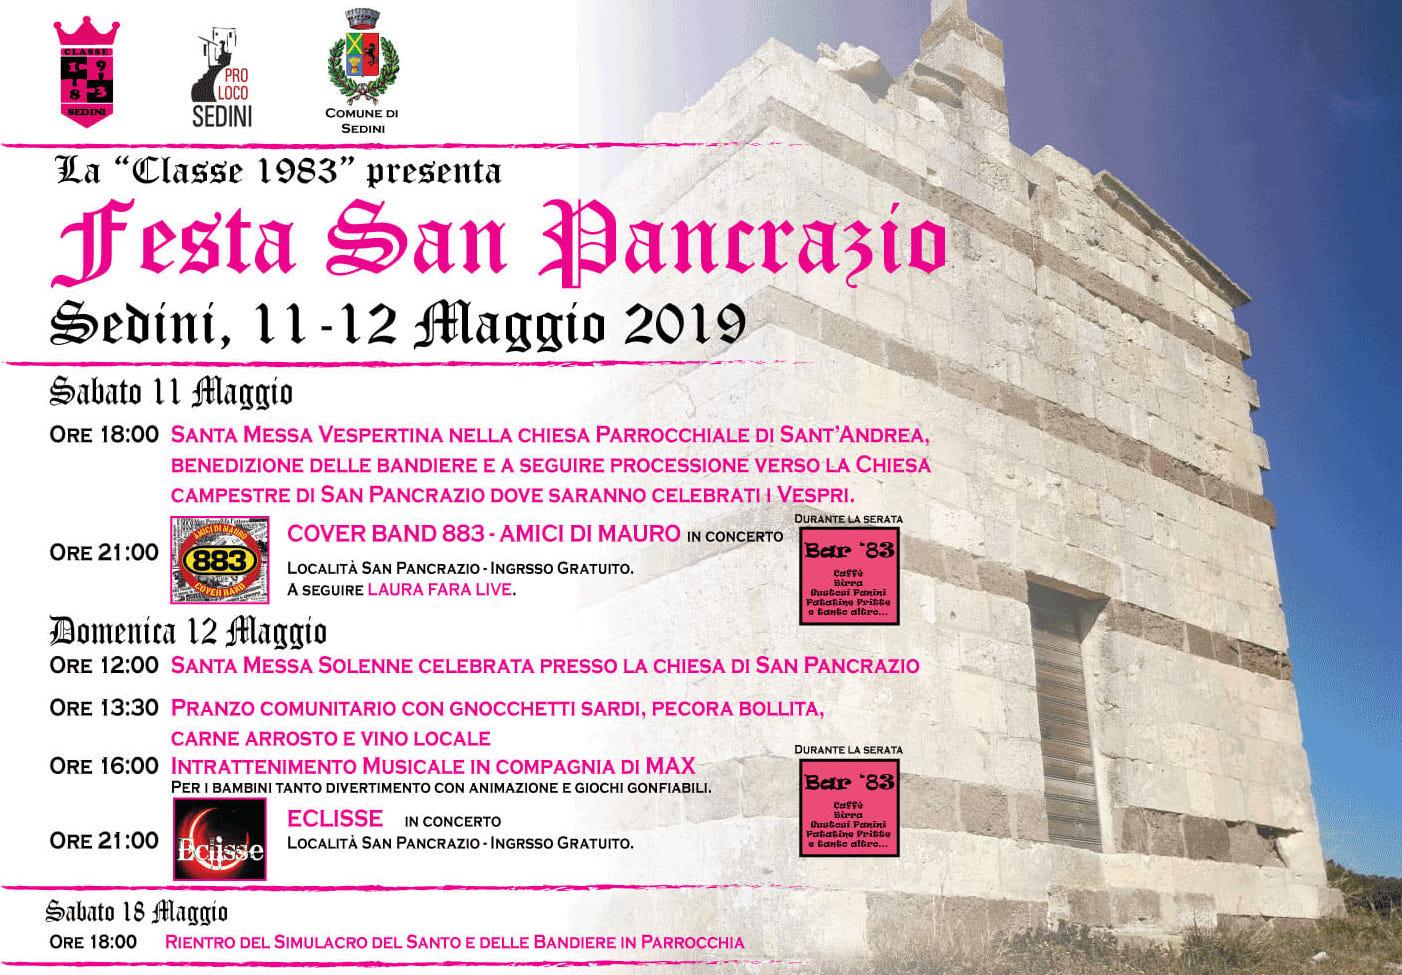 Festa di San Pancrazio 2019 - Sedini